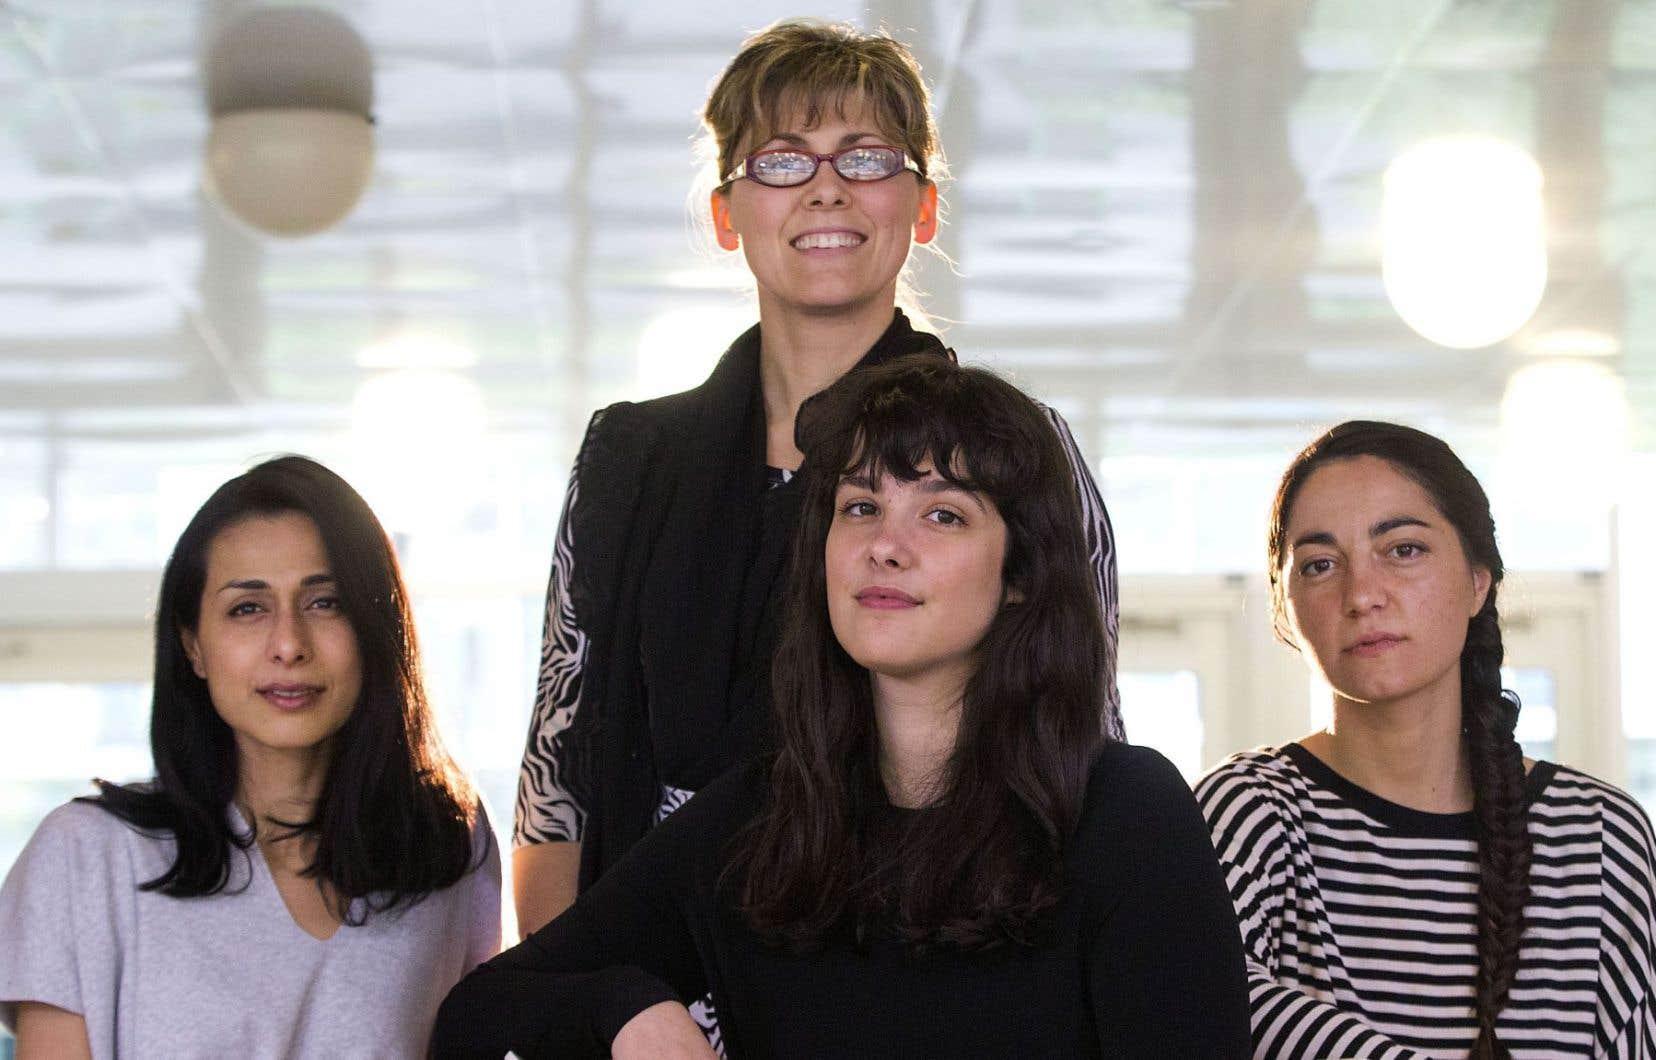 Tara Baswani, Laurence Lafond-Beaulne, Aurore Courtieux-Boinot et Caroline Voyer (arrière-plan) portent le projet Artistes citoyens en tournée.